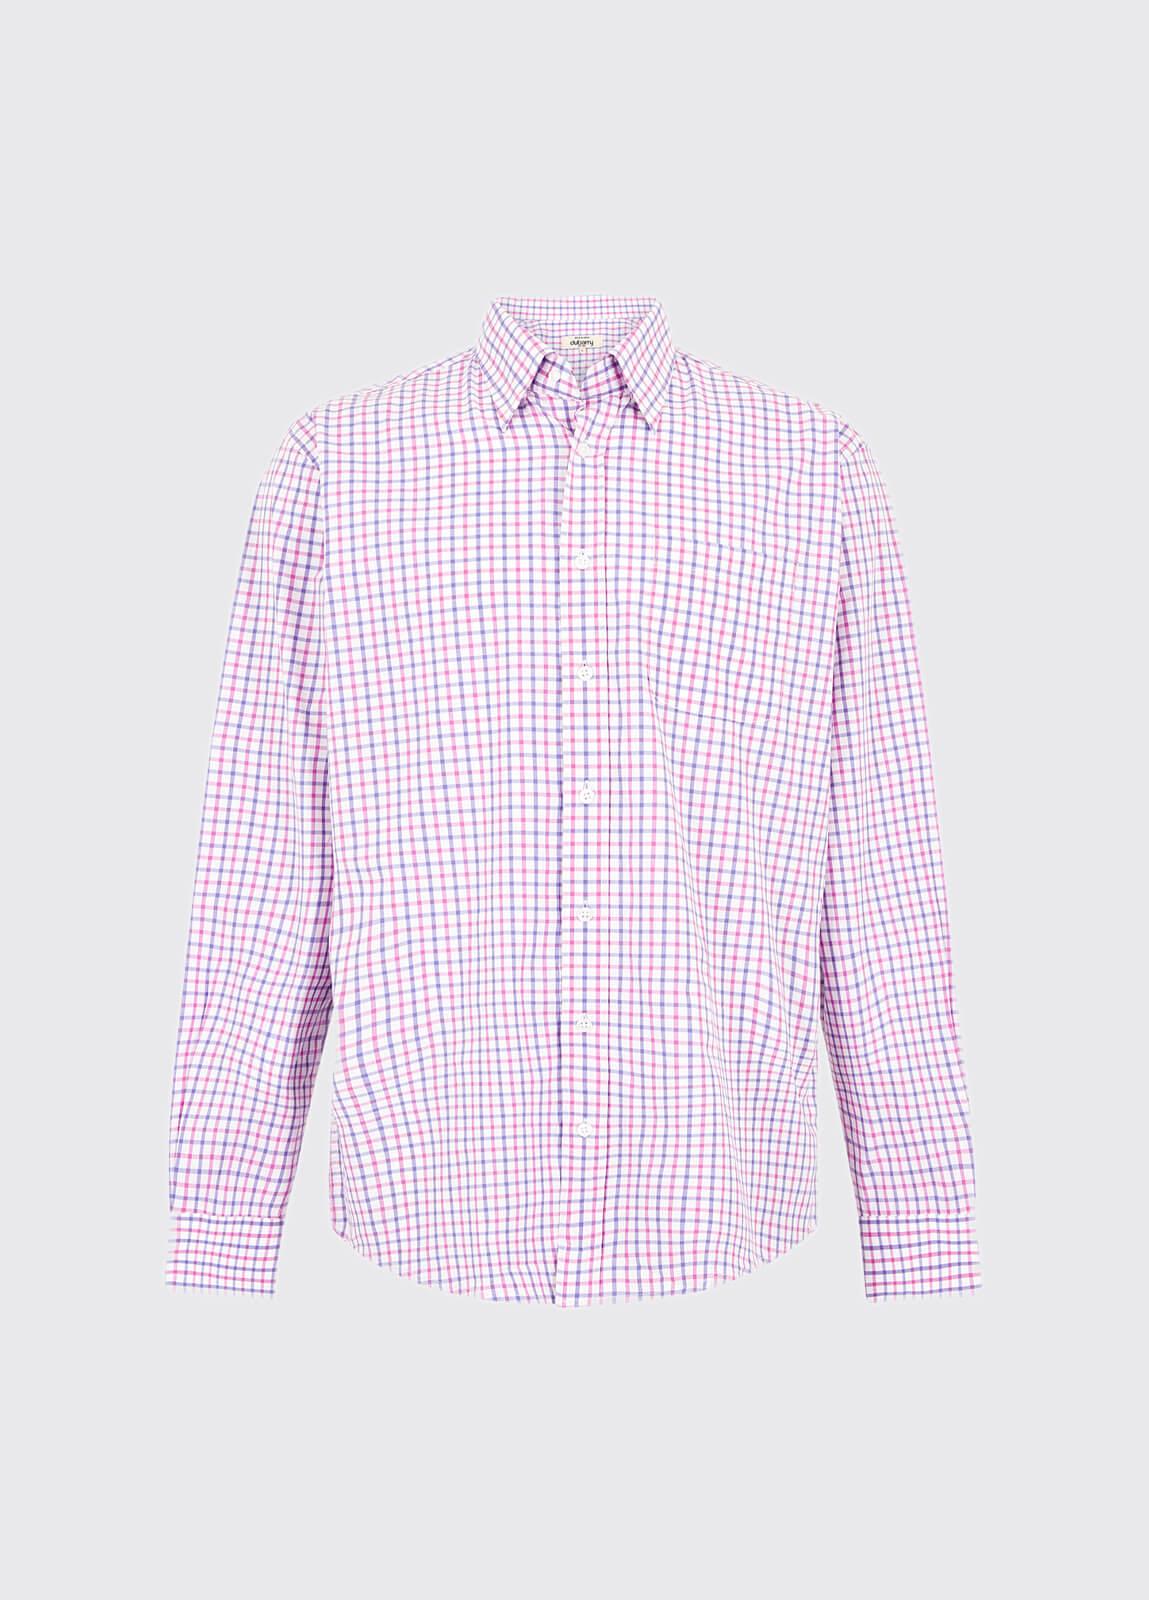 Frenchpark Shirt - Amethyst